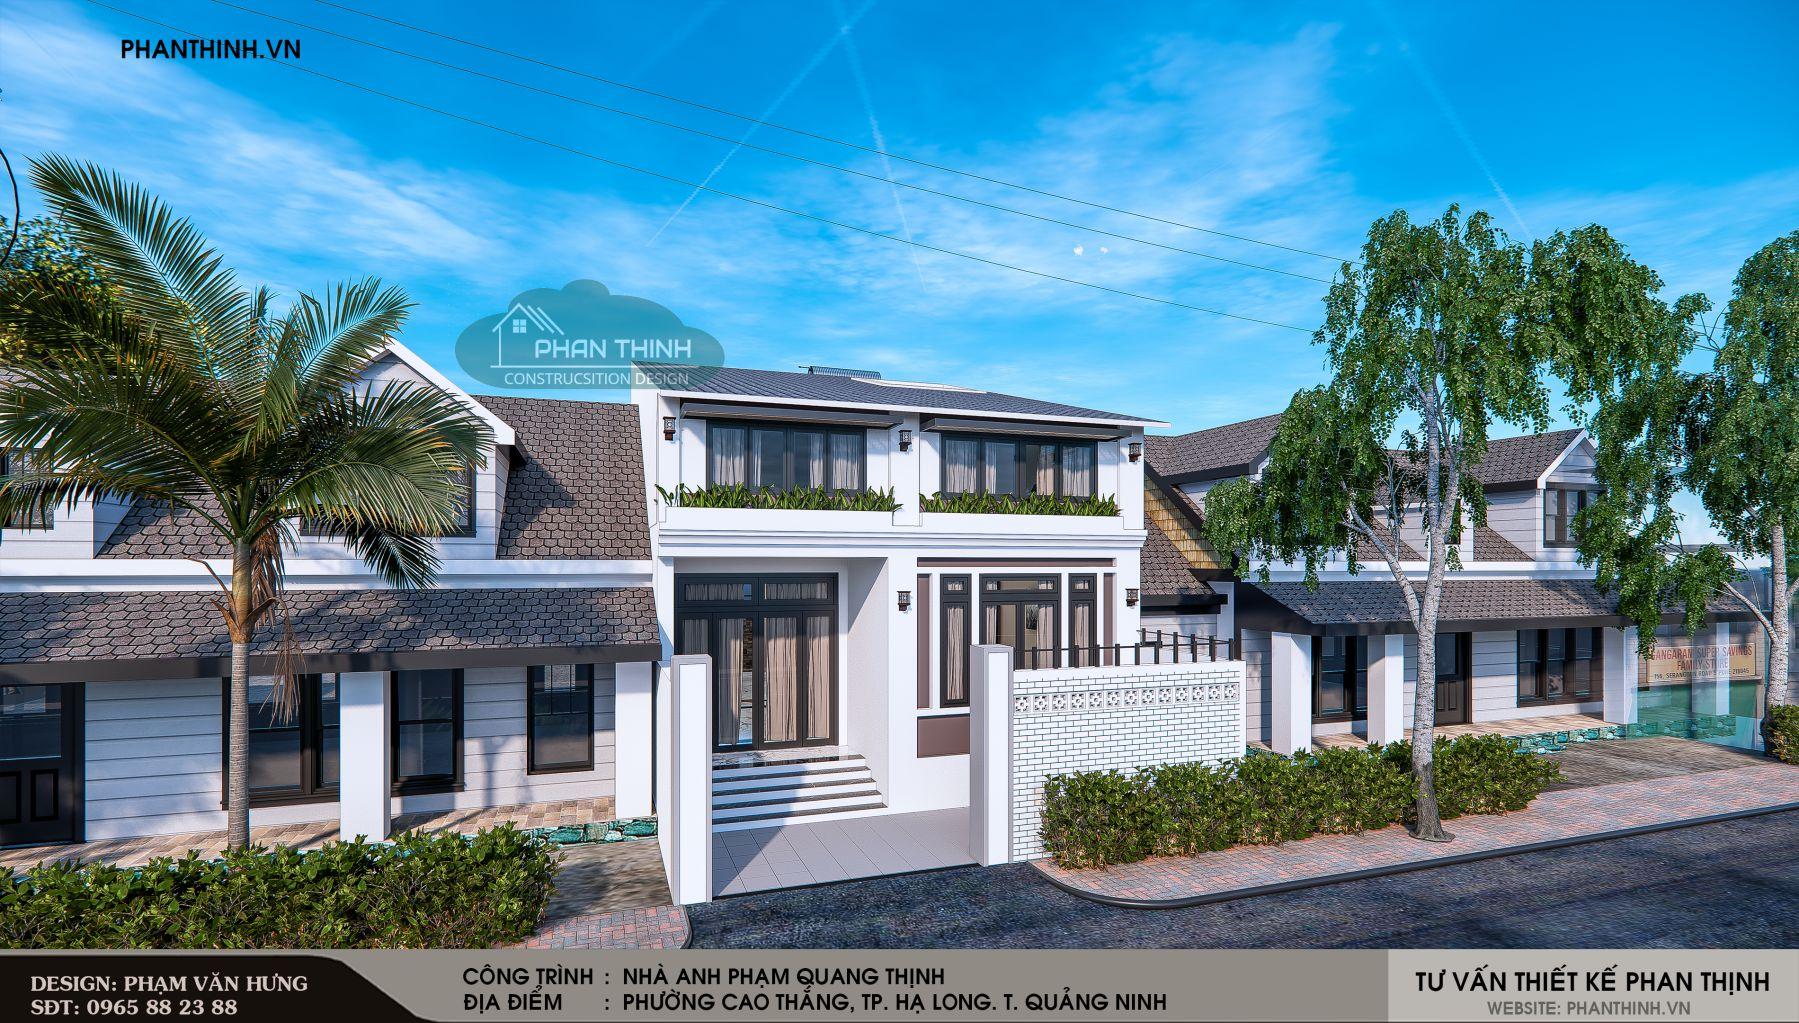 Thiết kế phối cảnh căn nhà 2 tầng mái thái tại Quảng Ninh